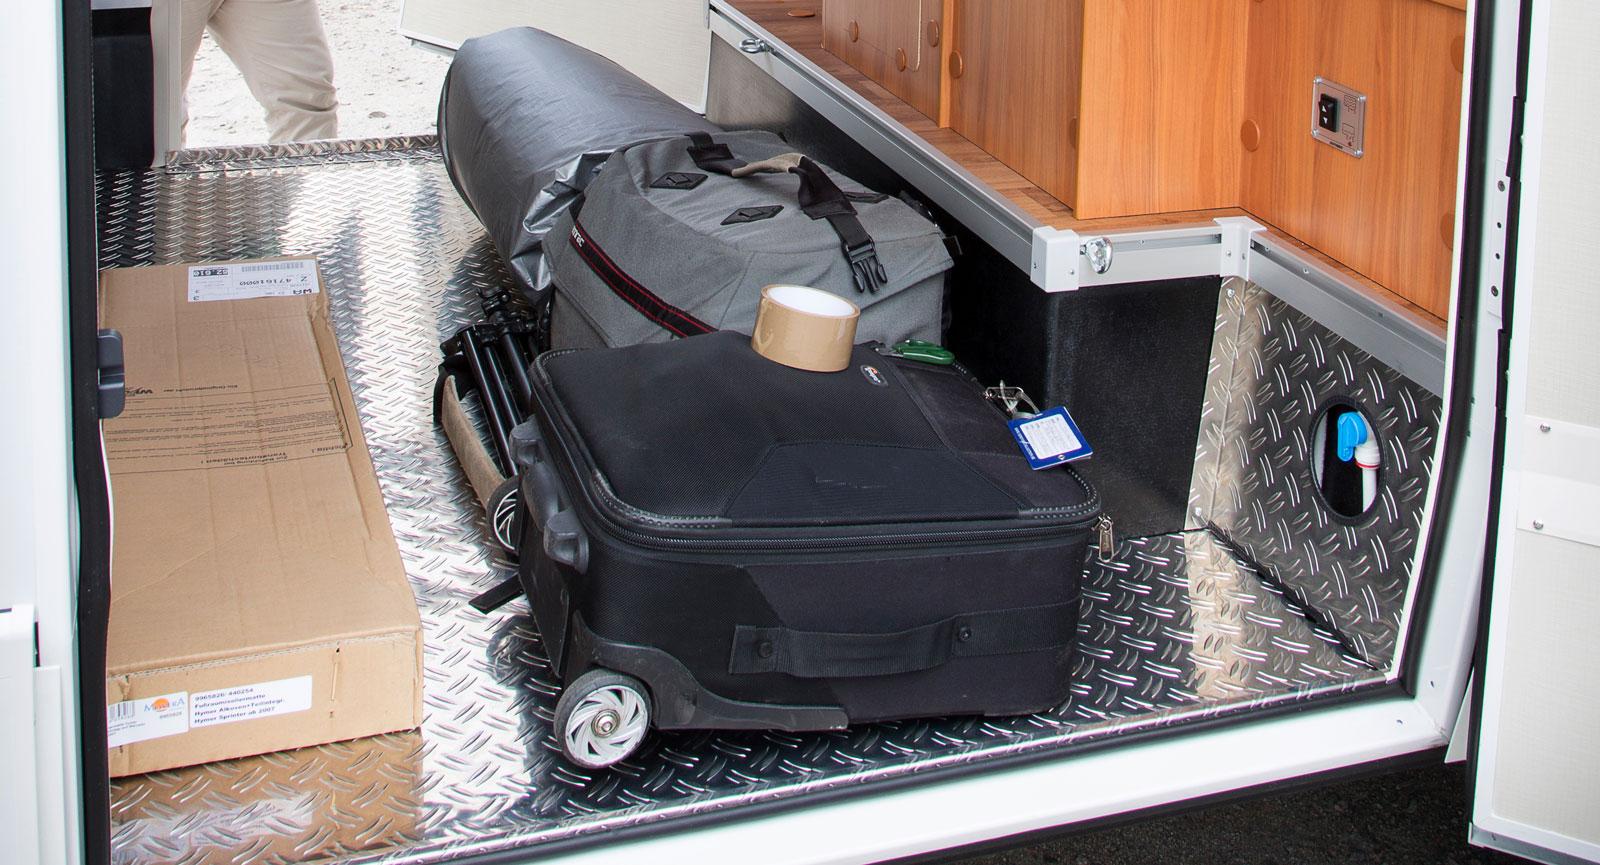 Garaget är väldigt stort i  ML-I 580, en moped får ledigt plats. Extra plus för hyllorna.